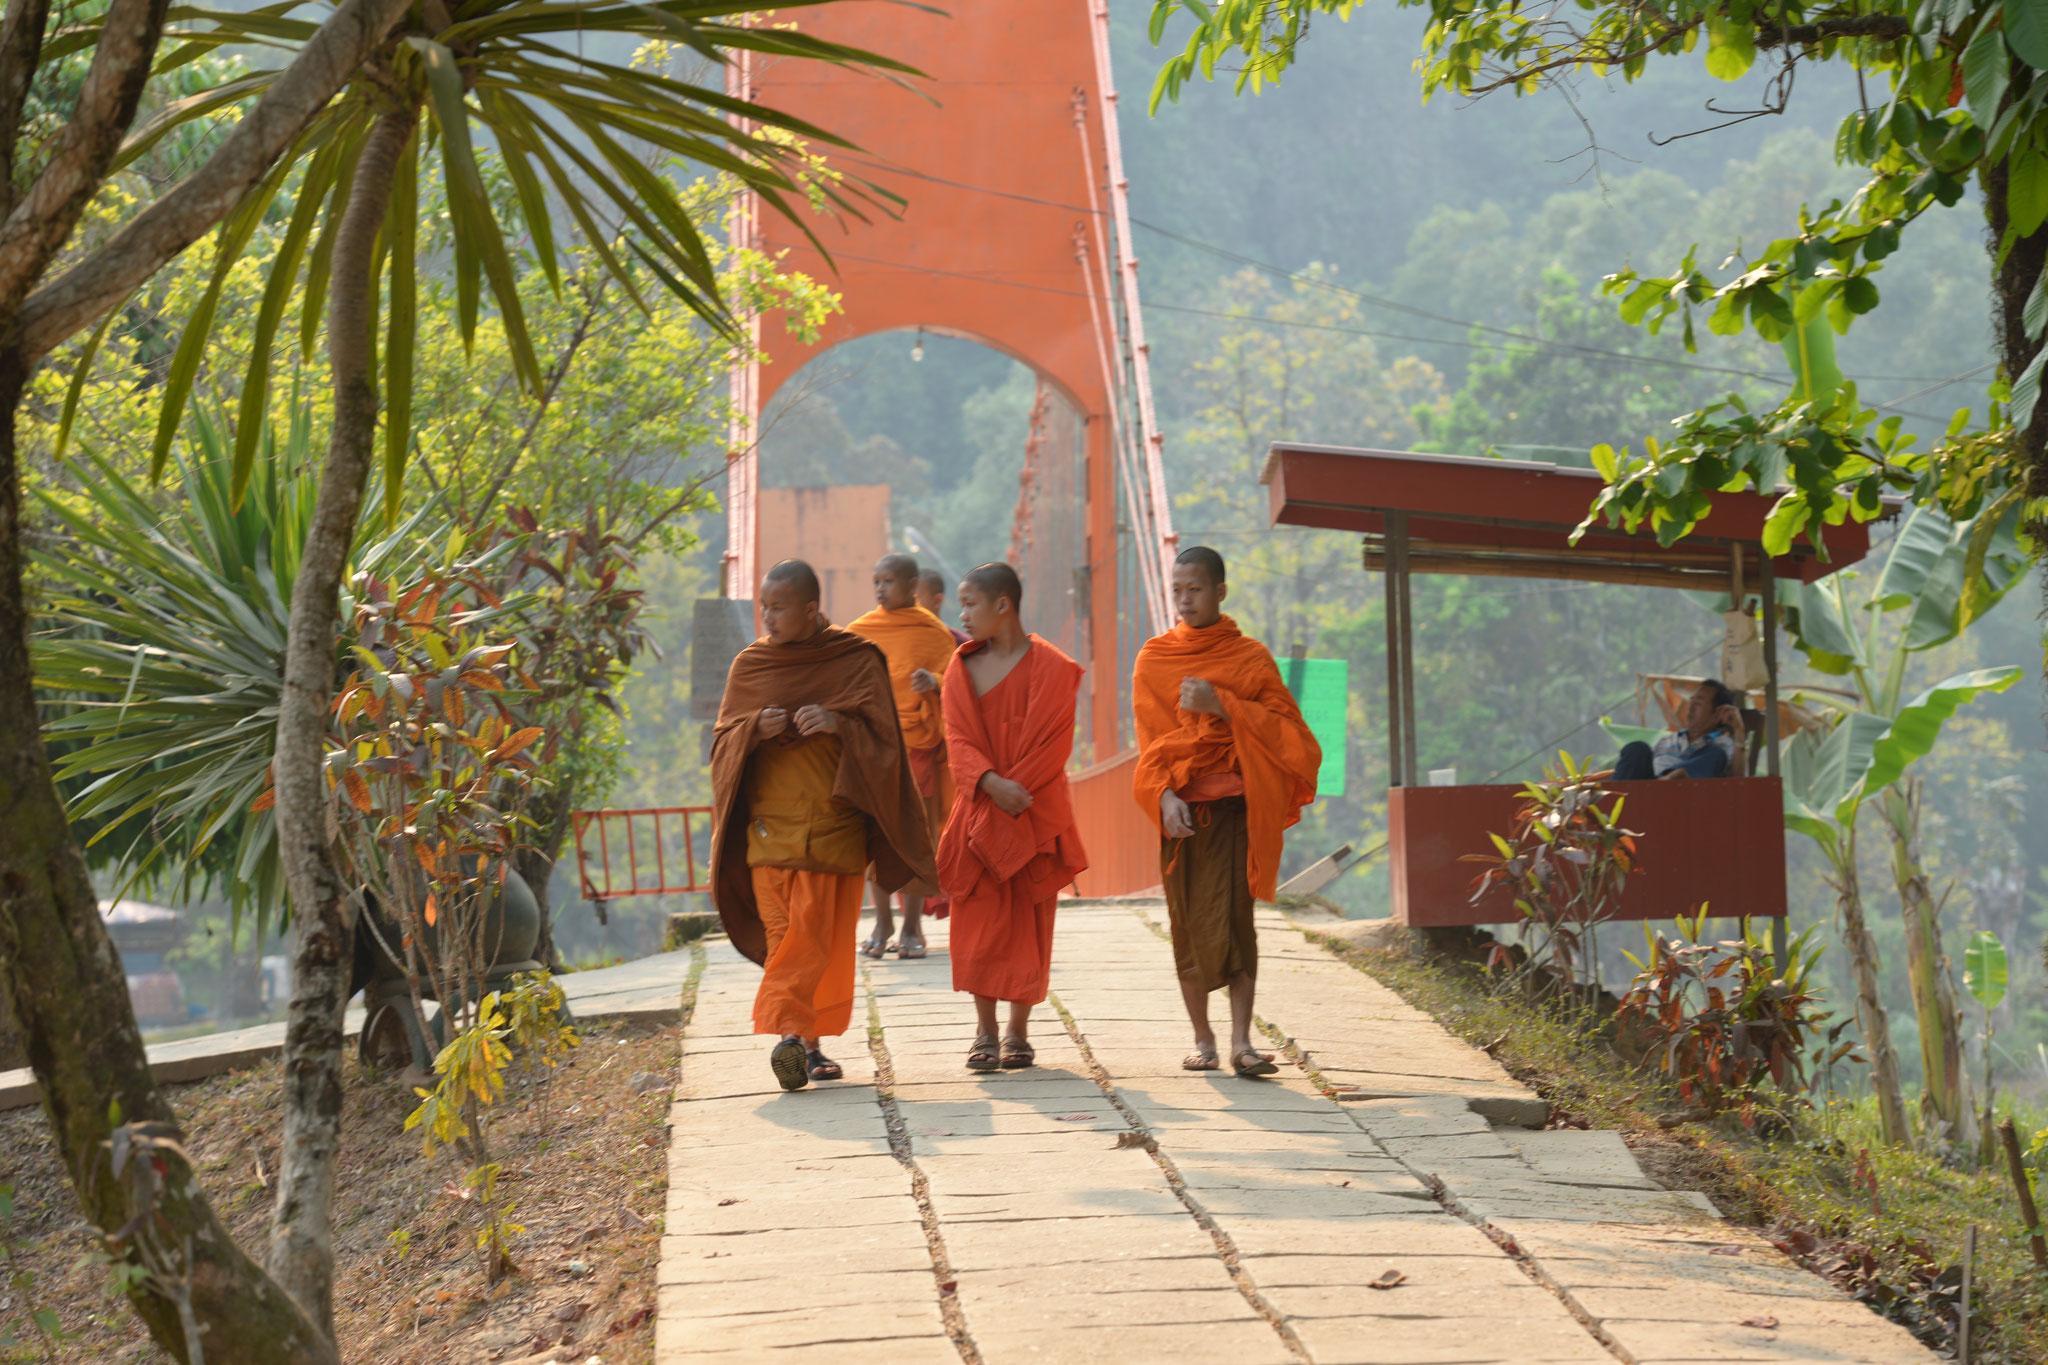 Wir begegnen einigen Mönchen, welche auch eine Tour machen